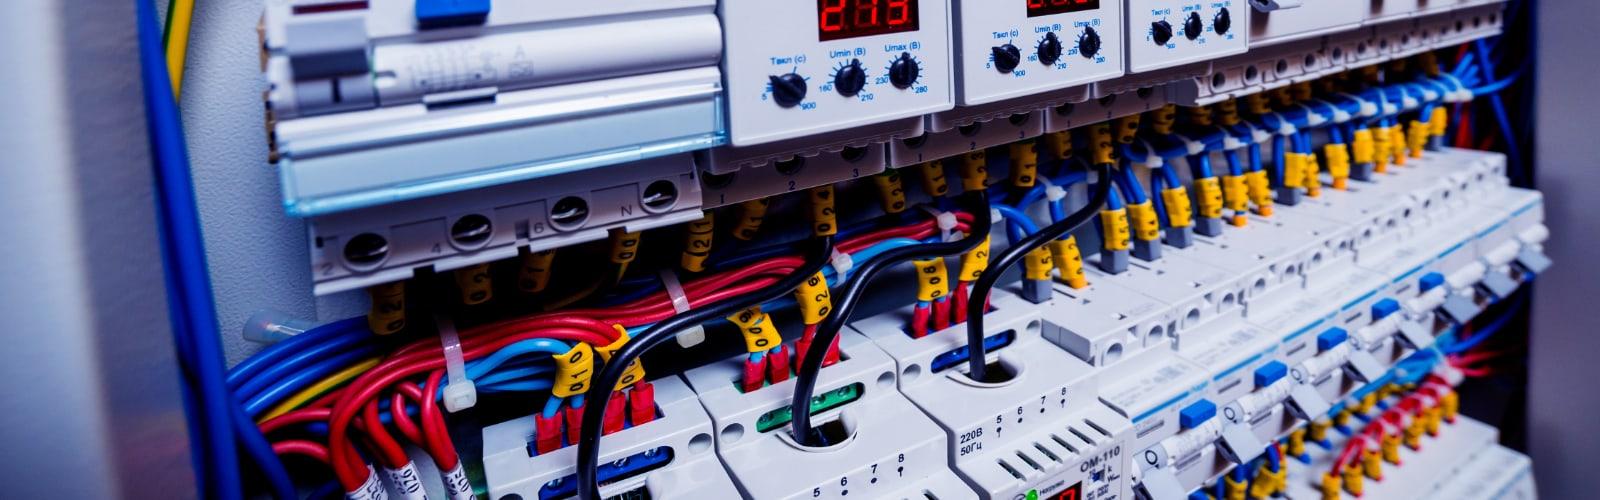 Hintergrundmotiv Schaltschrank mit Leistungsschaltern